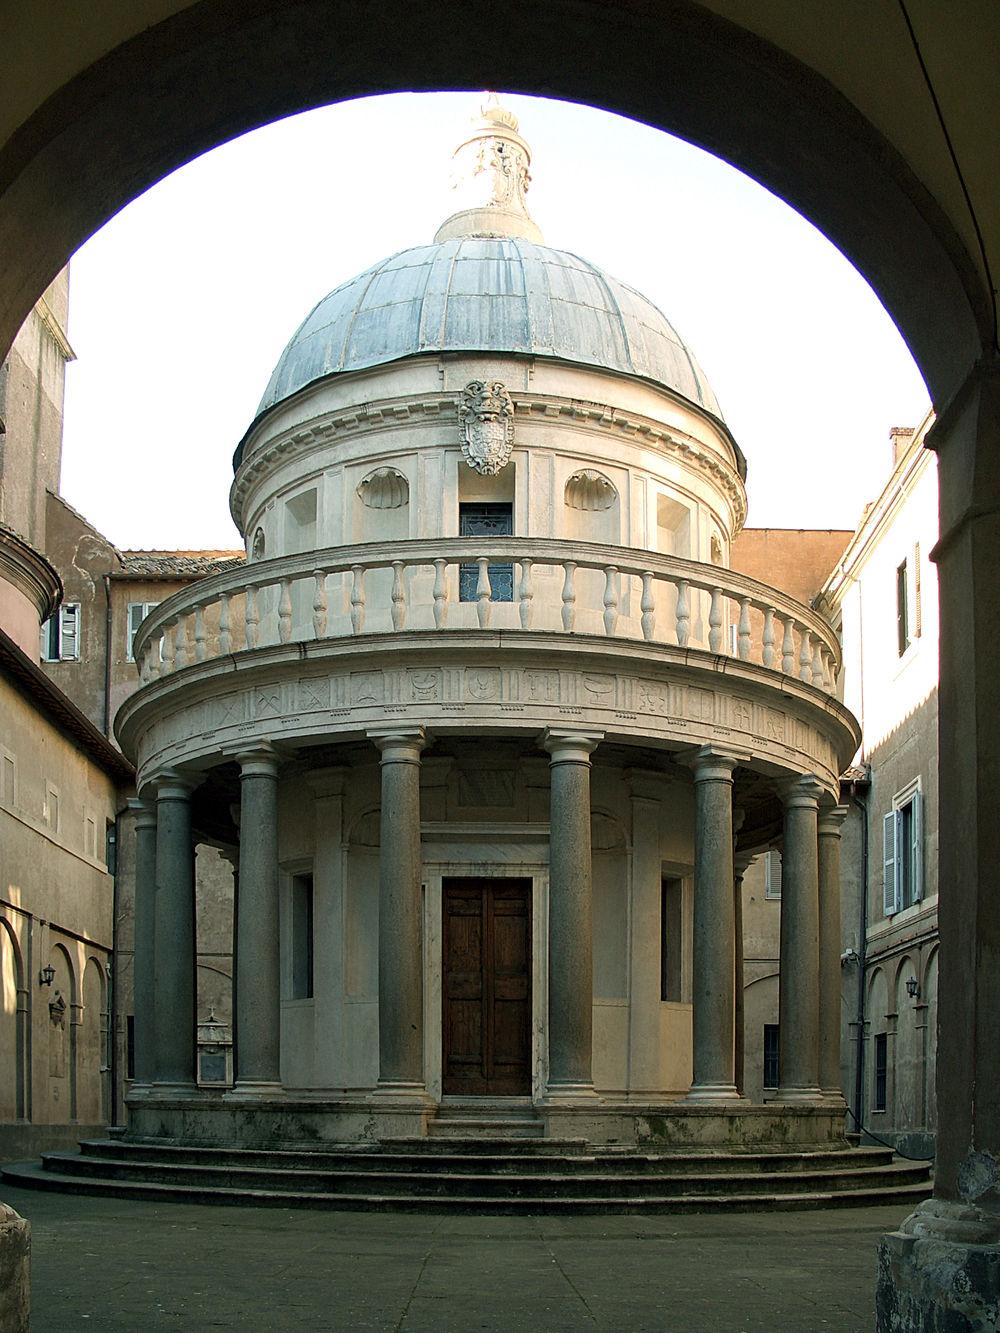 Arch Architecture Bramante Dome Famous Place History Roma Rome San Pietro In Montorio Tempietto